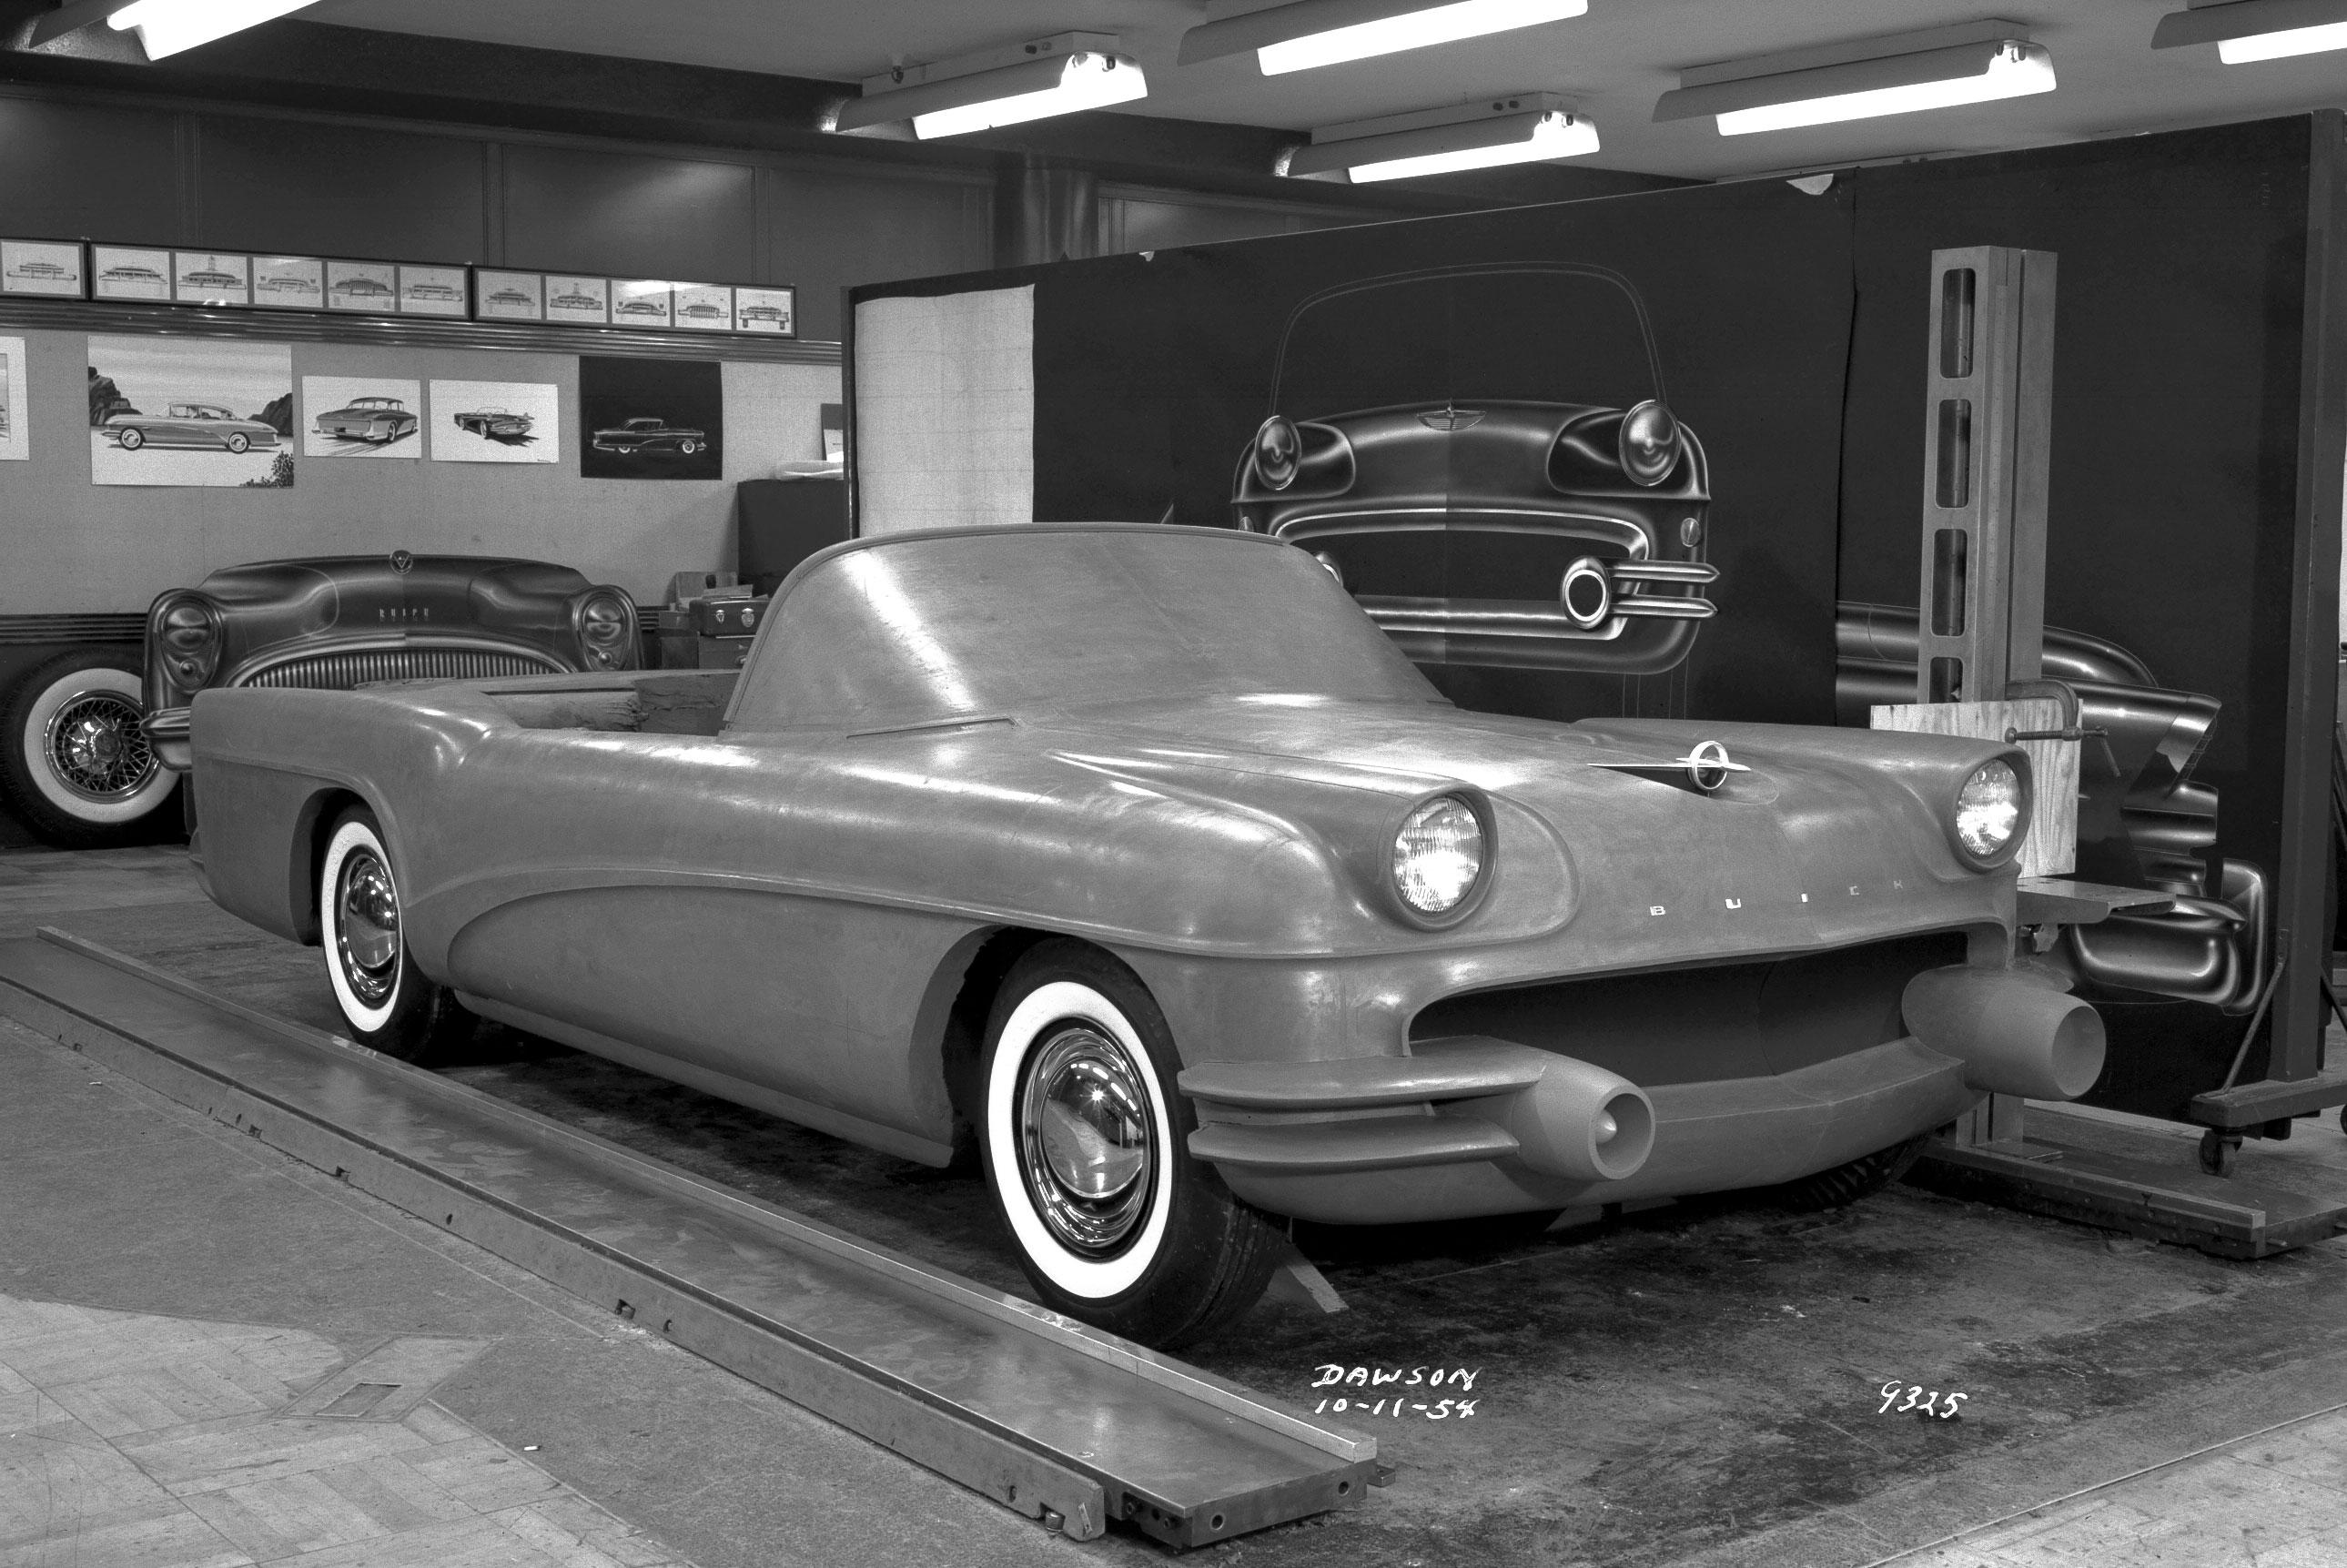 1955 Buick Wildcat III Concept design